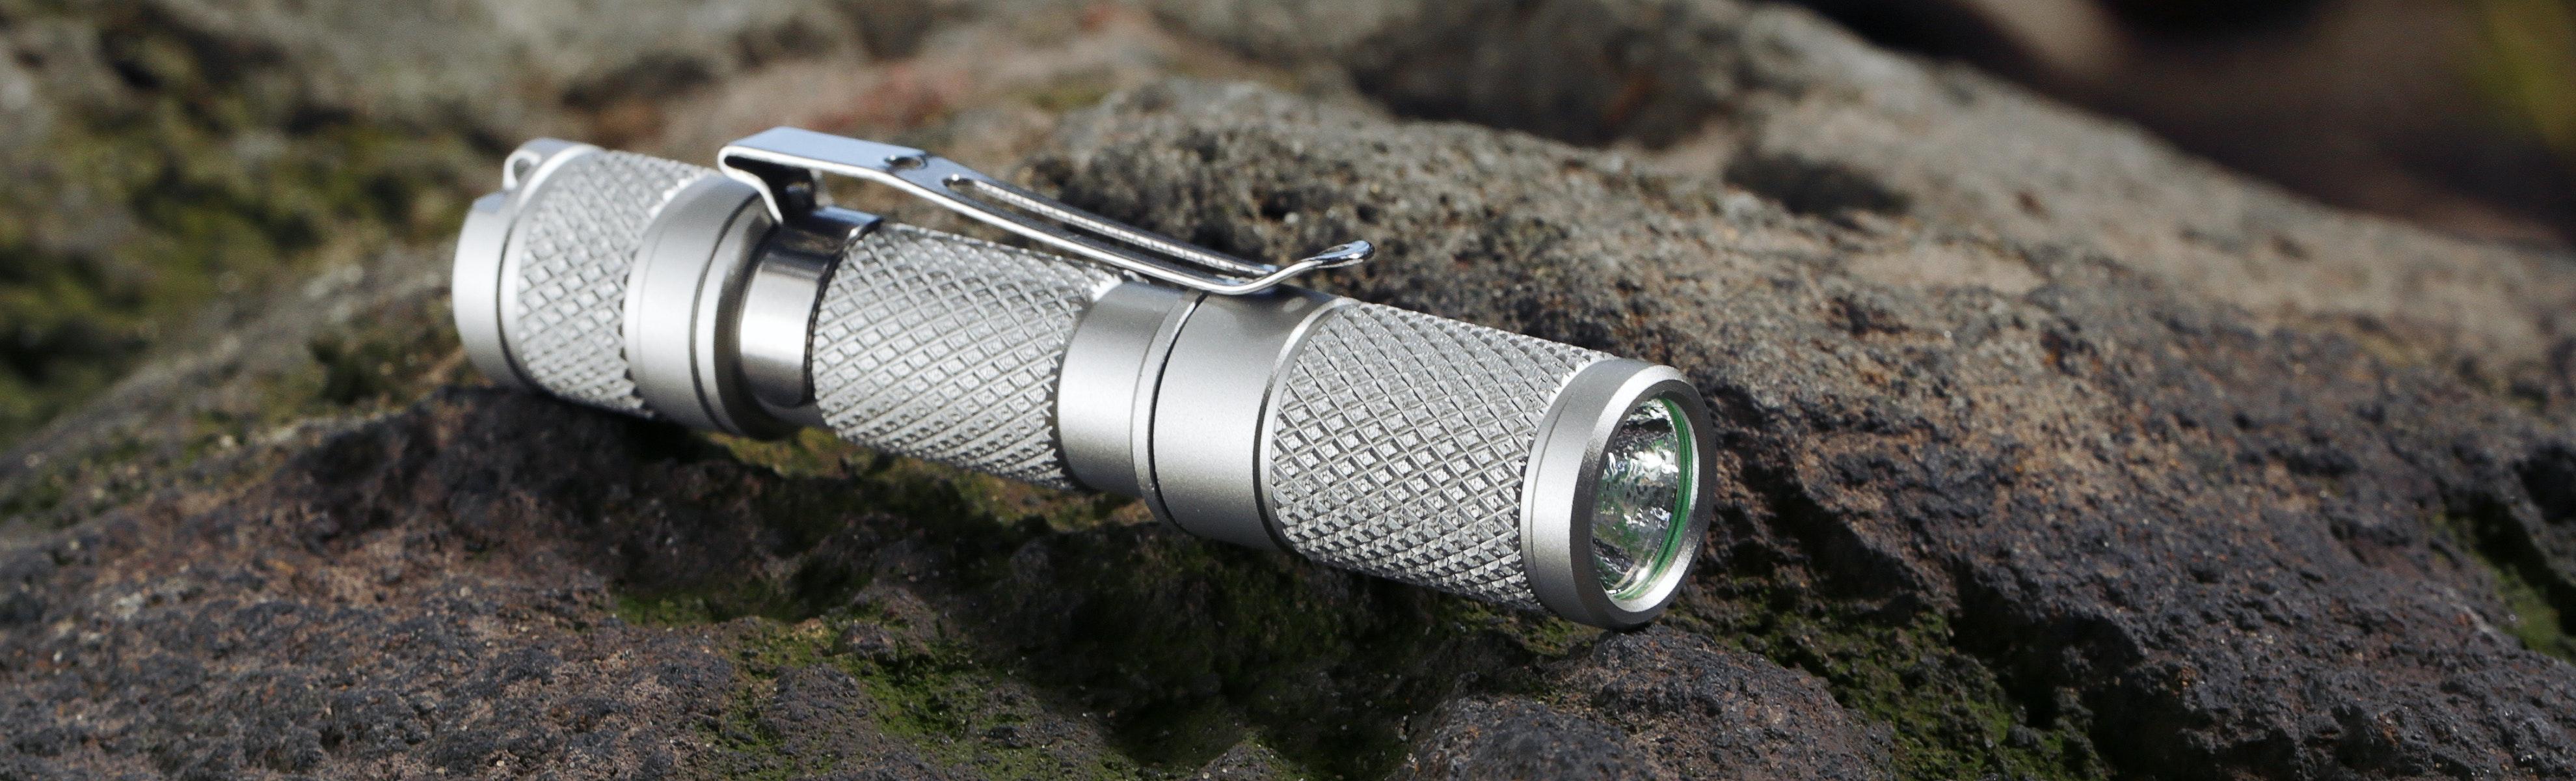 Massdrop Aluminum AAA Flashlight